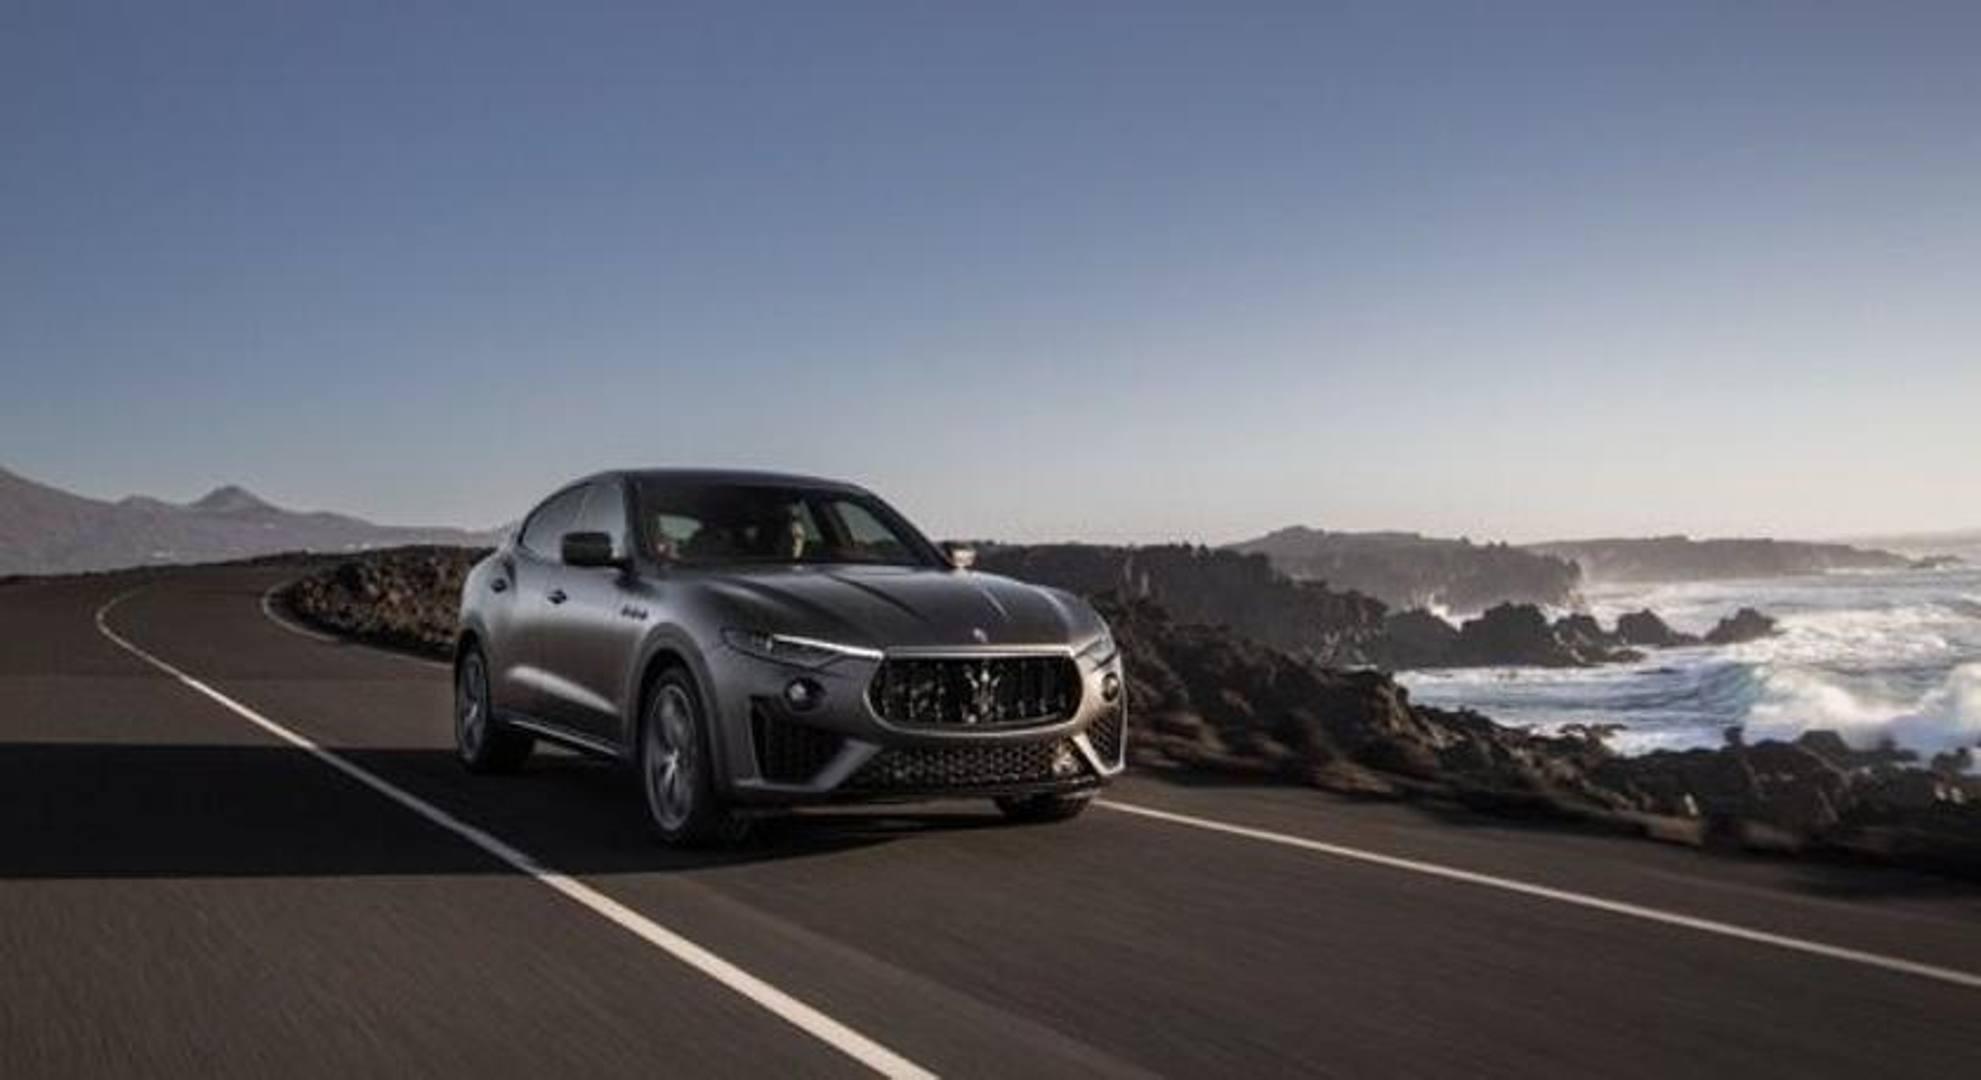 La nuova Maserati Levante Vulcano, prodotta in soli 150 esemplari, è disponibile con due  motorizzazioni benzina twin-turbo V6 da 350  e 430 Cv, progettate da Maserati Powertrain e prodotte nello stabilimento Ferrari a Maranello